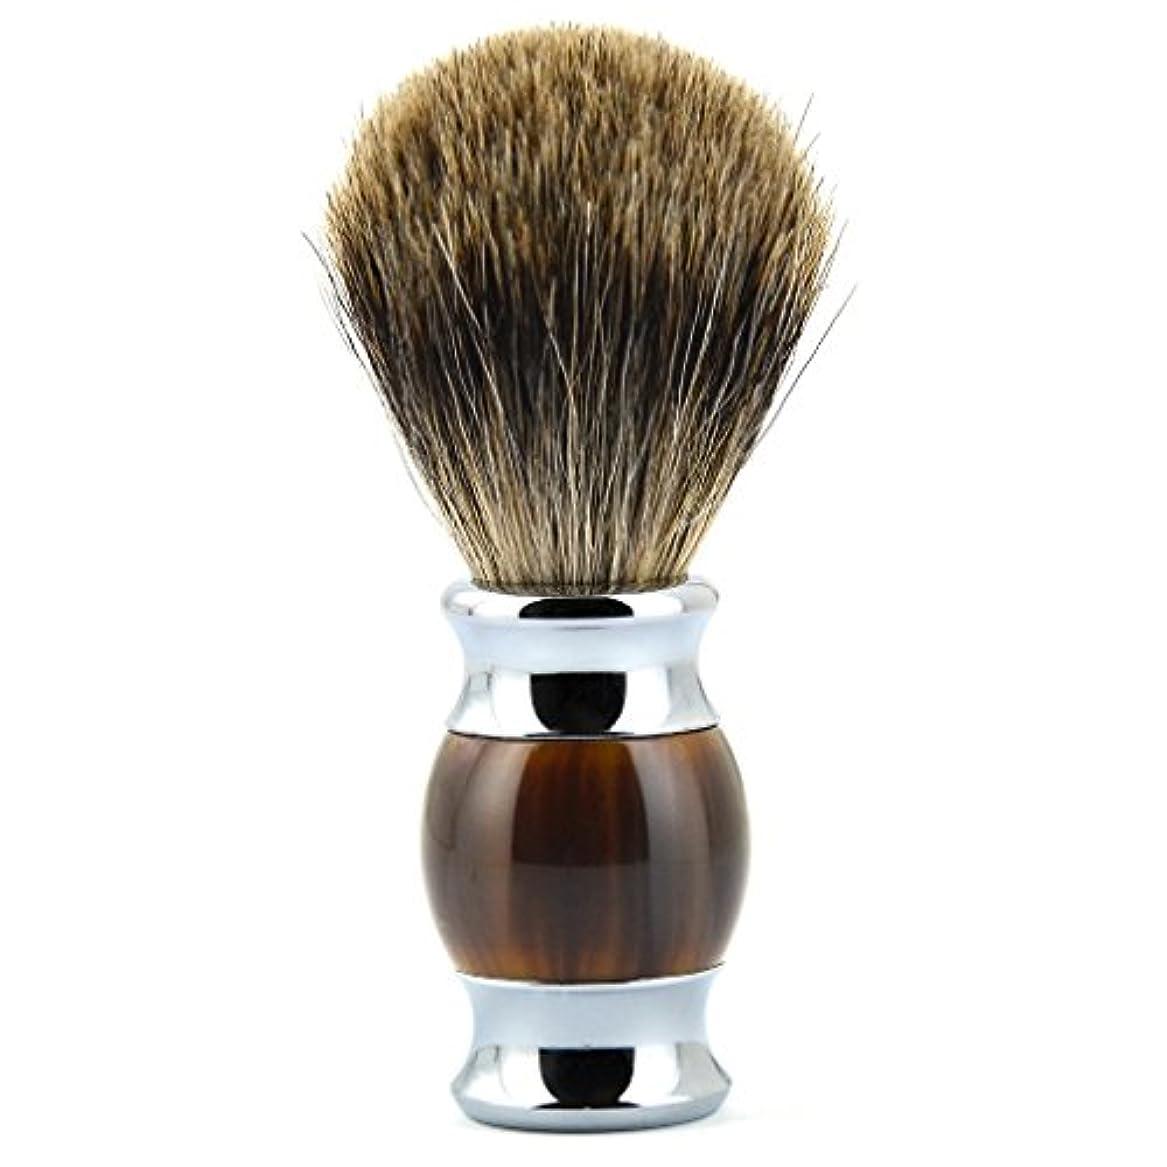 起こりやすいぼんやりした流Arichops ひげブラシ シェービング ブラシ シェービング用ブラシ メンズ 100% アナグマ毛 理容 洗顔 髭剃り 泡立ち